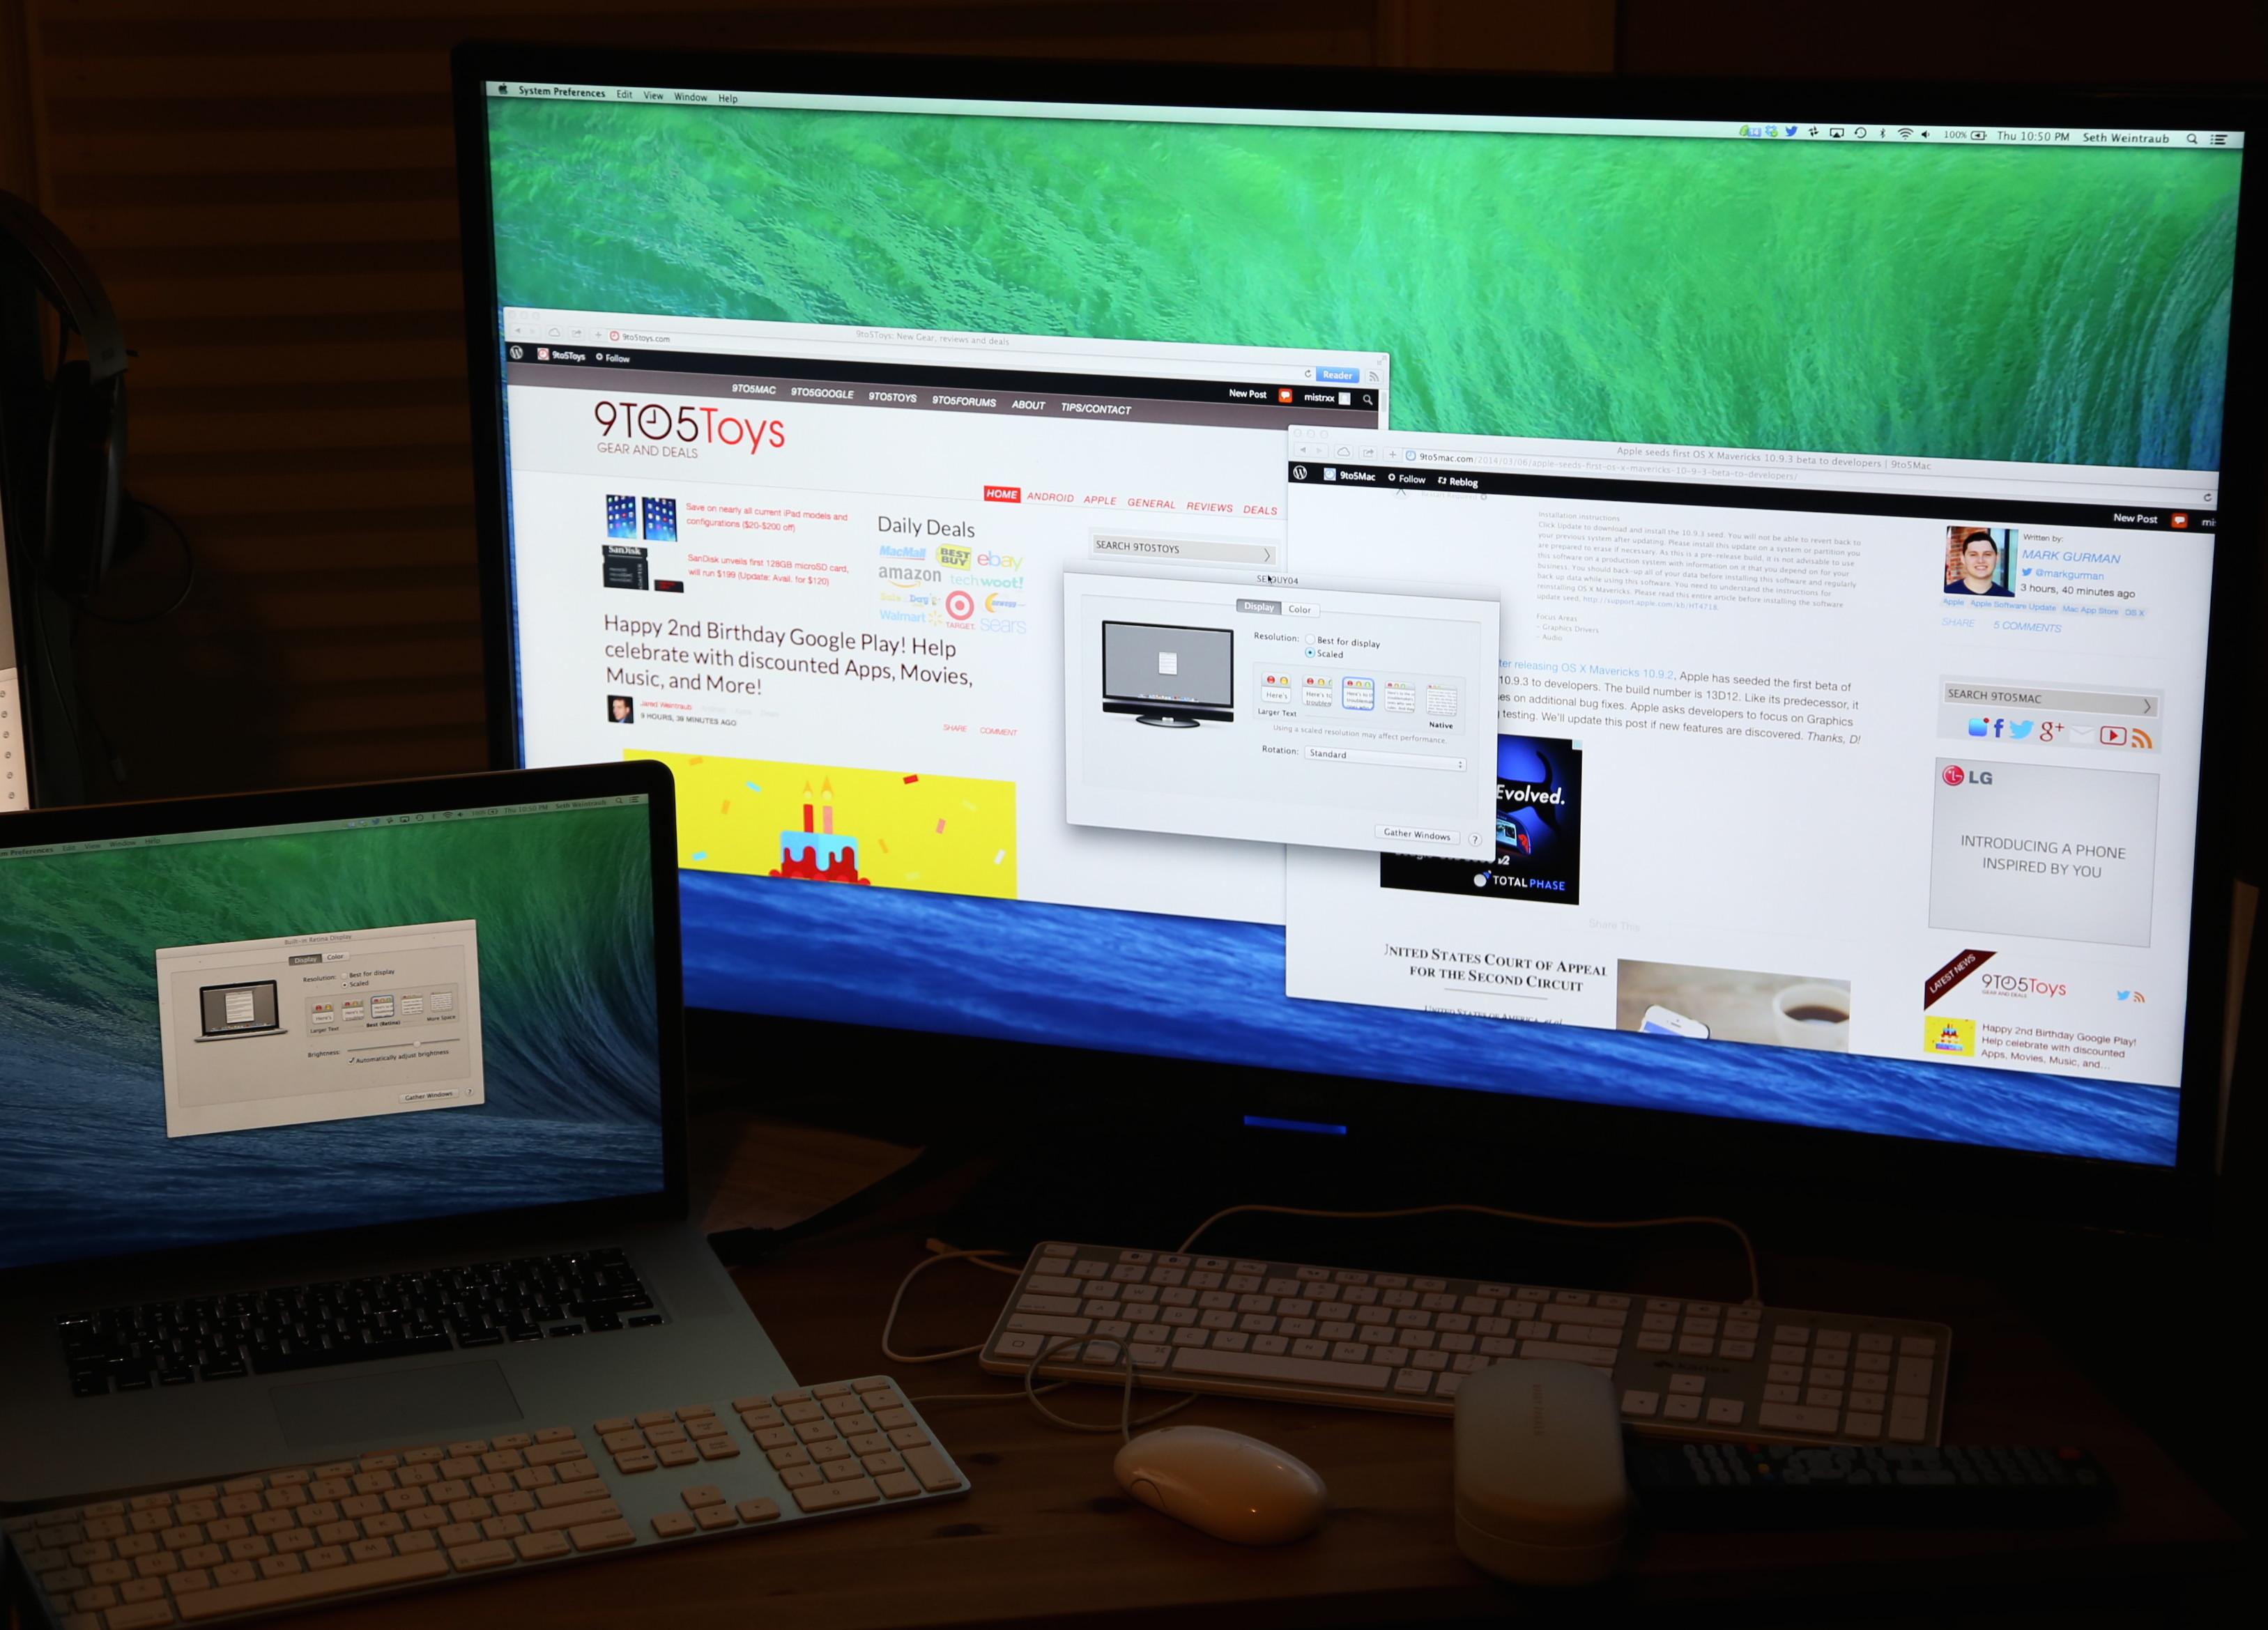 Resolução Retina num monitor 4K no OS X 10.9.3